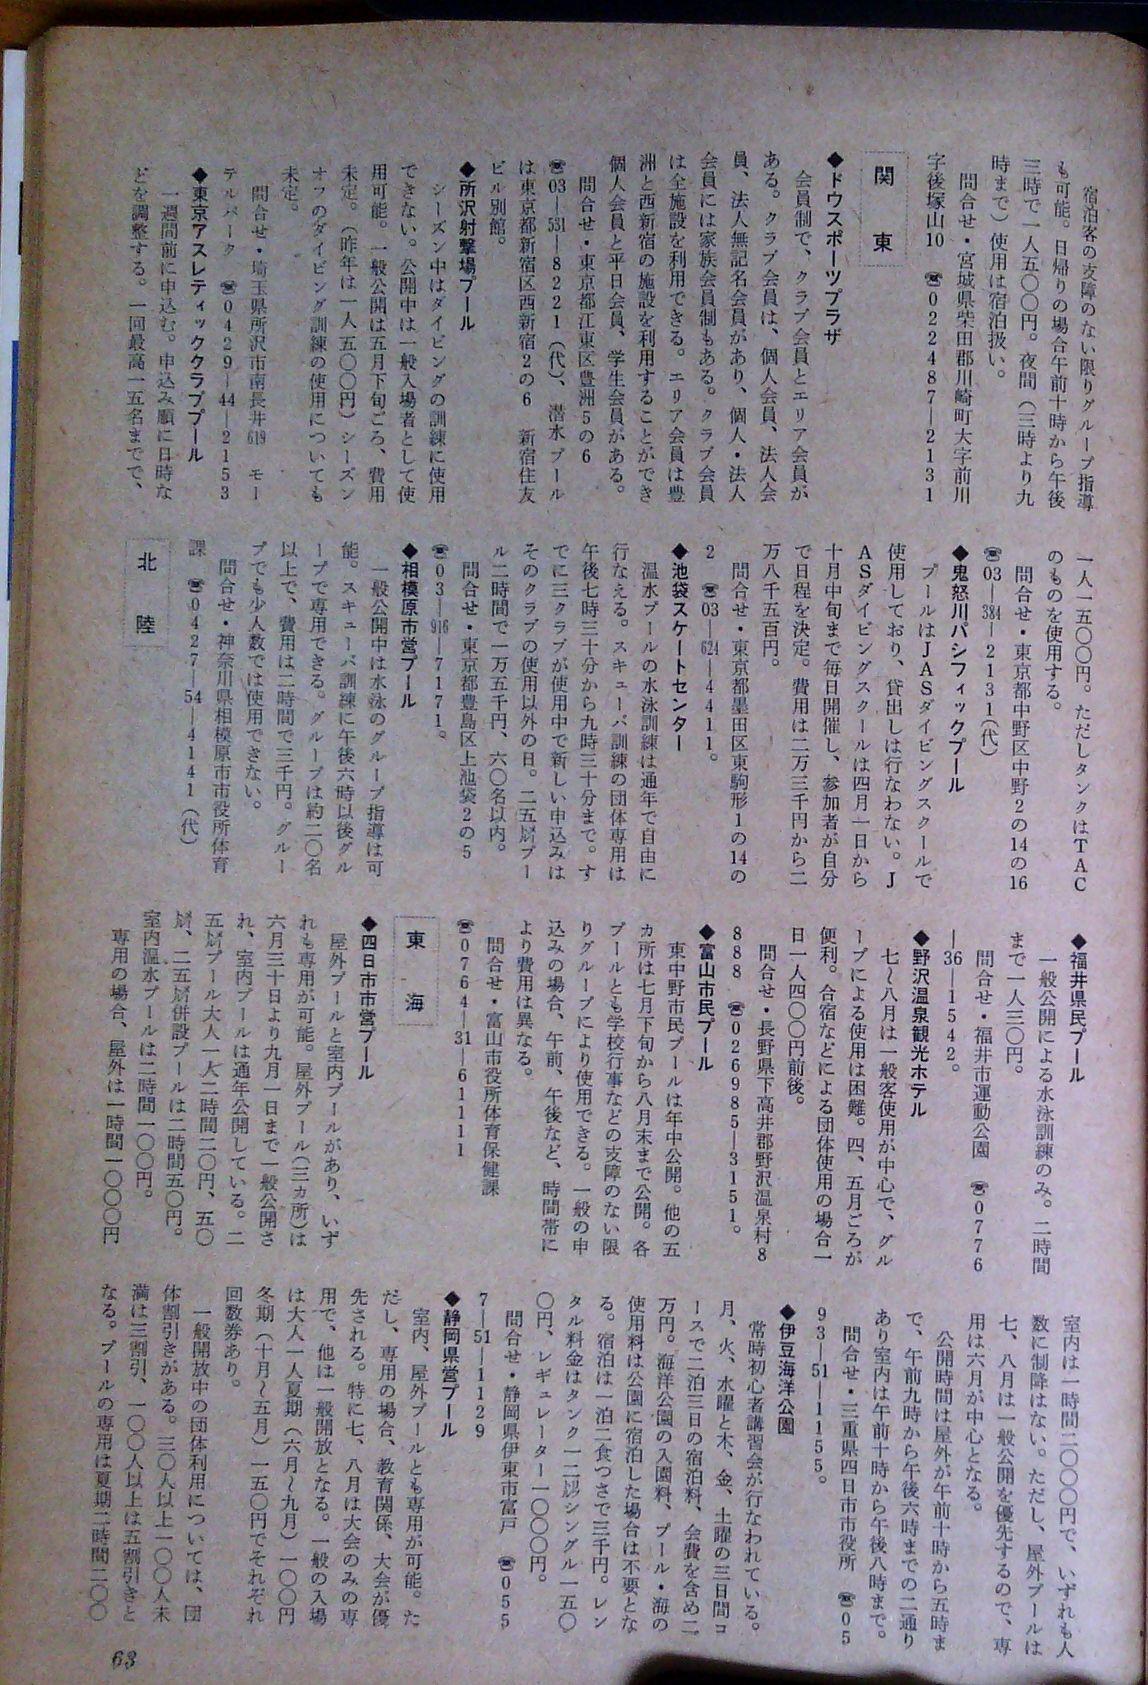 0513 ダイビングの歴史 70 海の世界 1974年 5月_b0075059_13321609.jpg